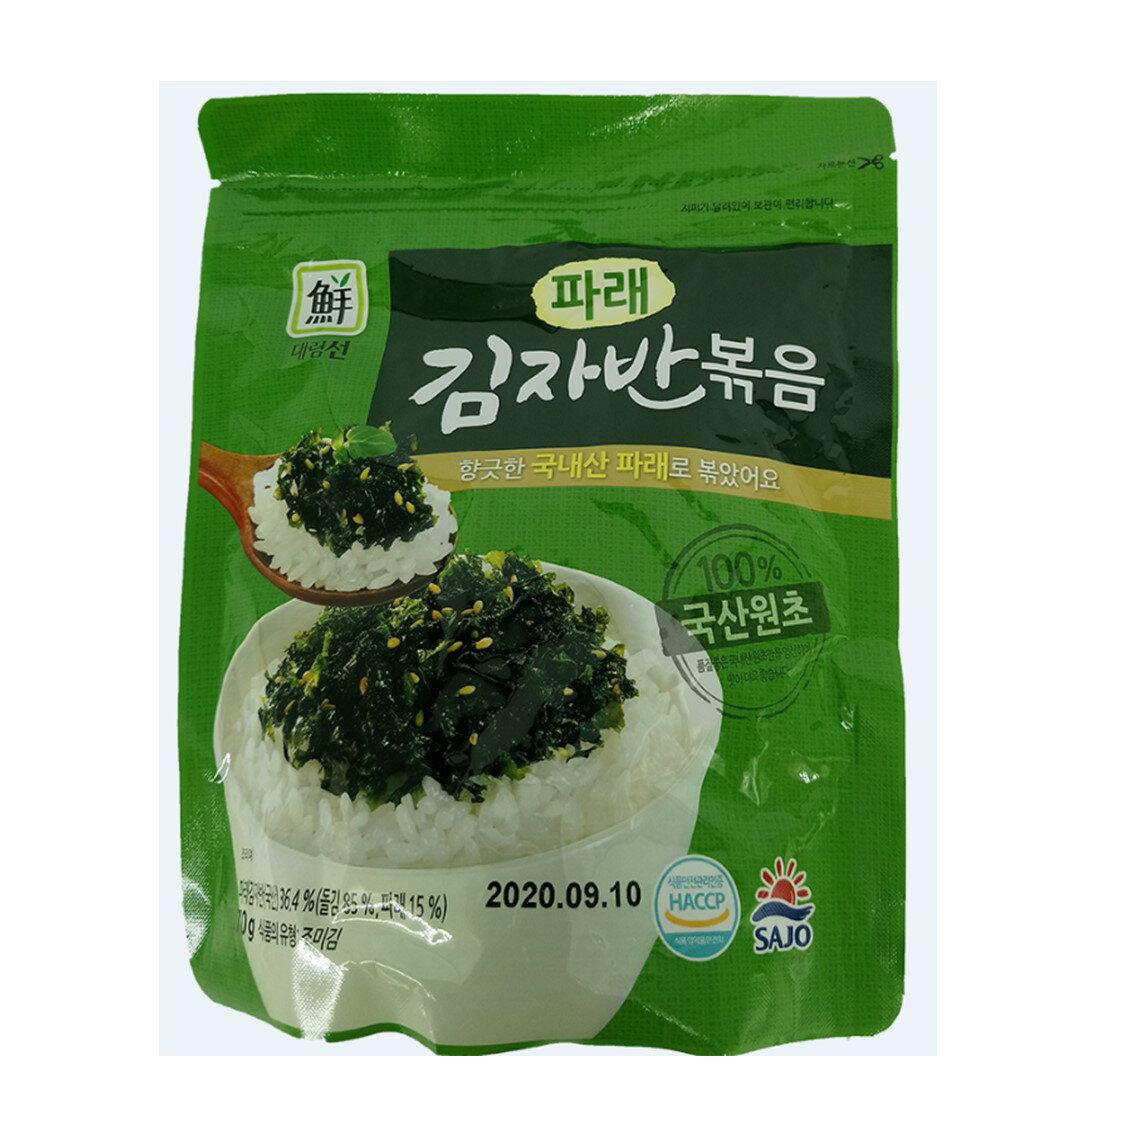 【10包 】 韓國 SAJO 思潮 海苔酥 炒海苔 原味 炒海苔 海苔鬆 海苔酥 小飯團 拌飯 泡湯 【樂活生活館】